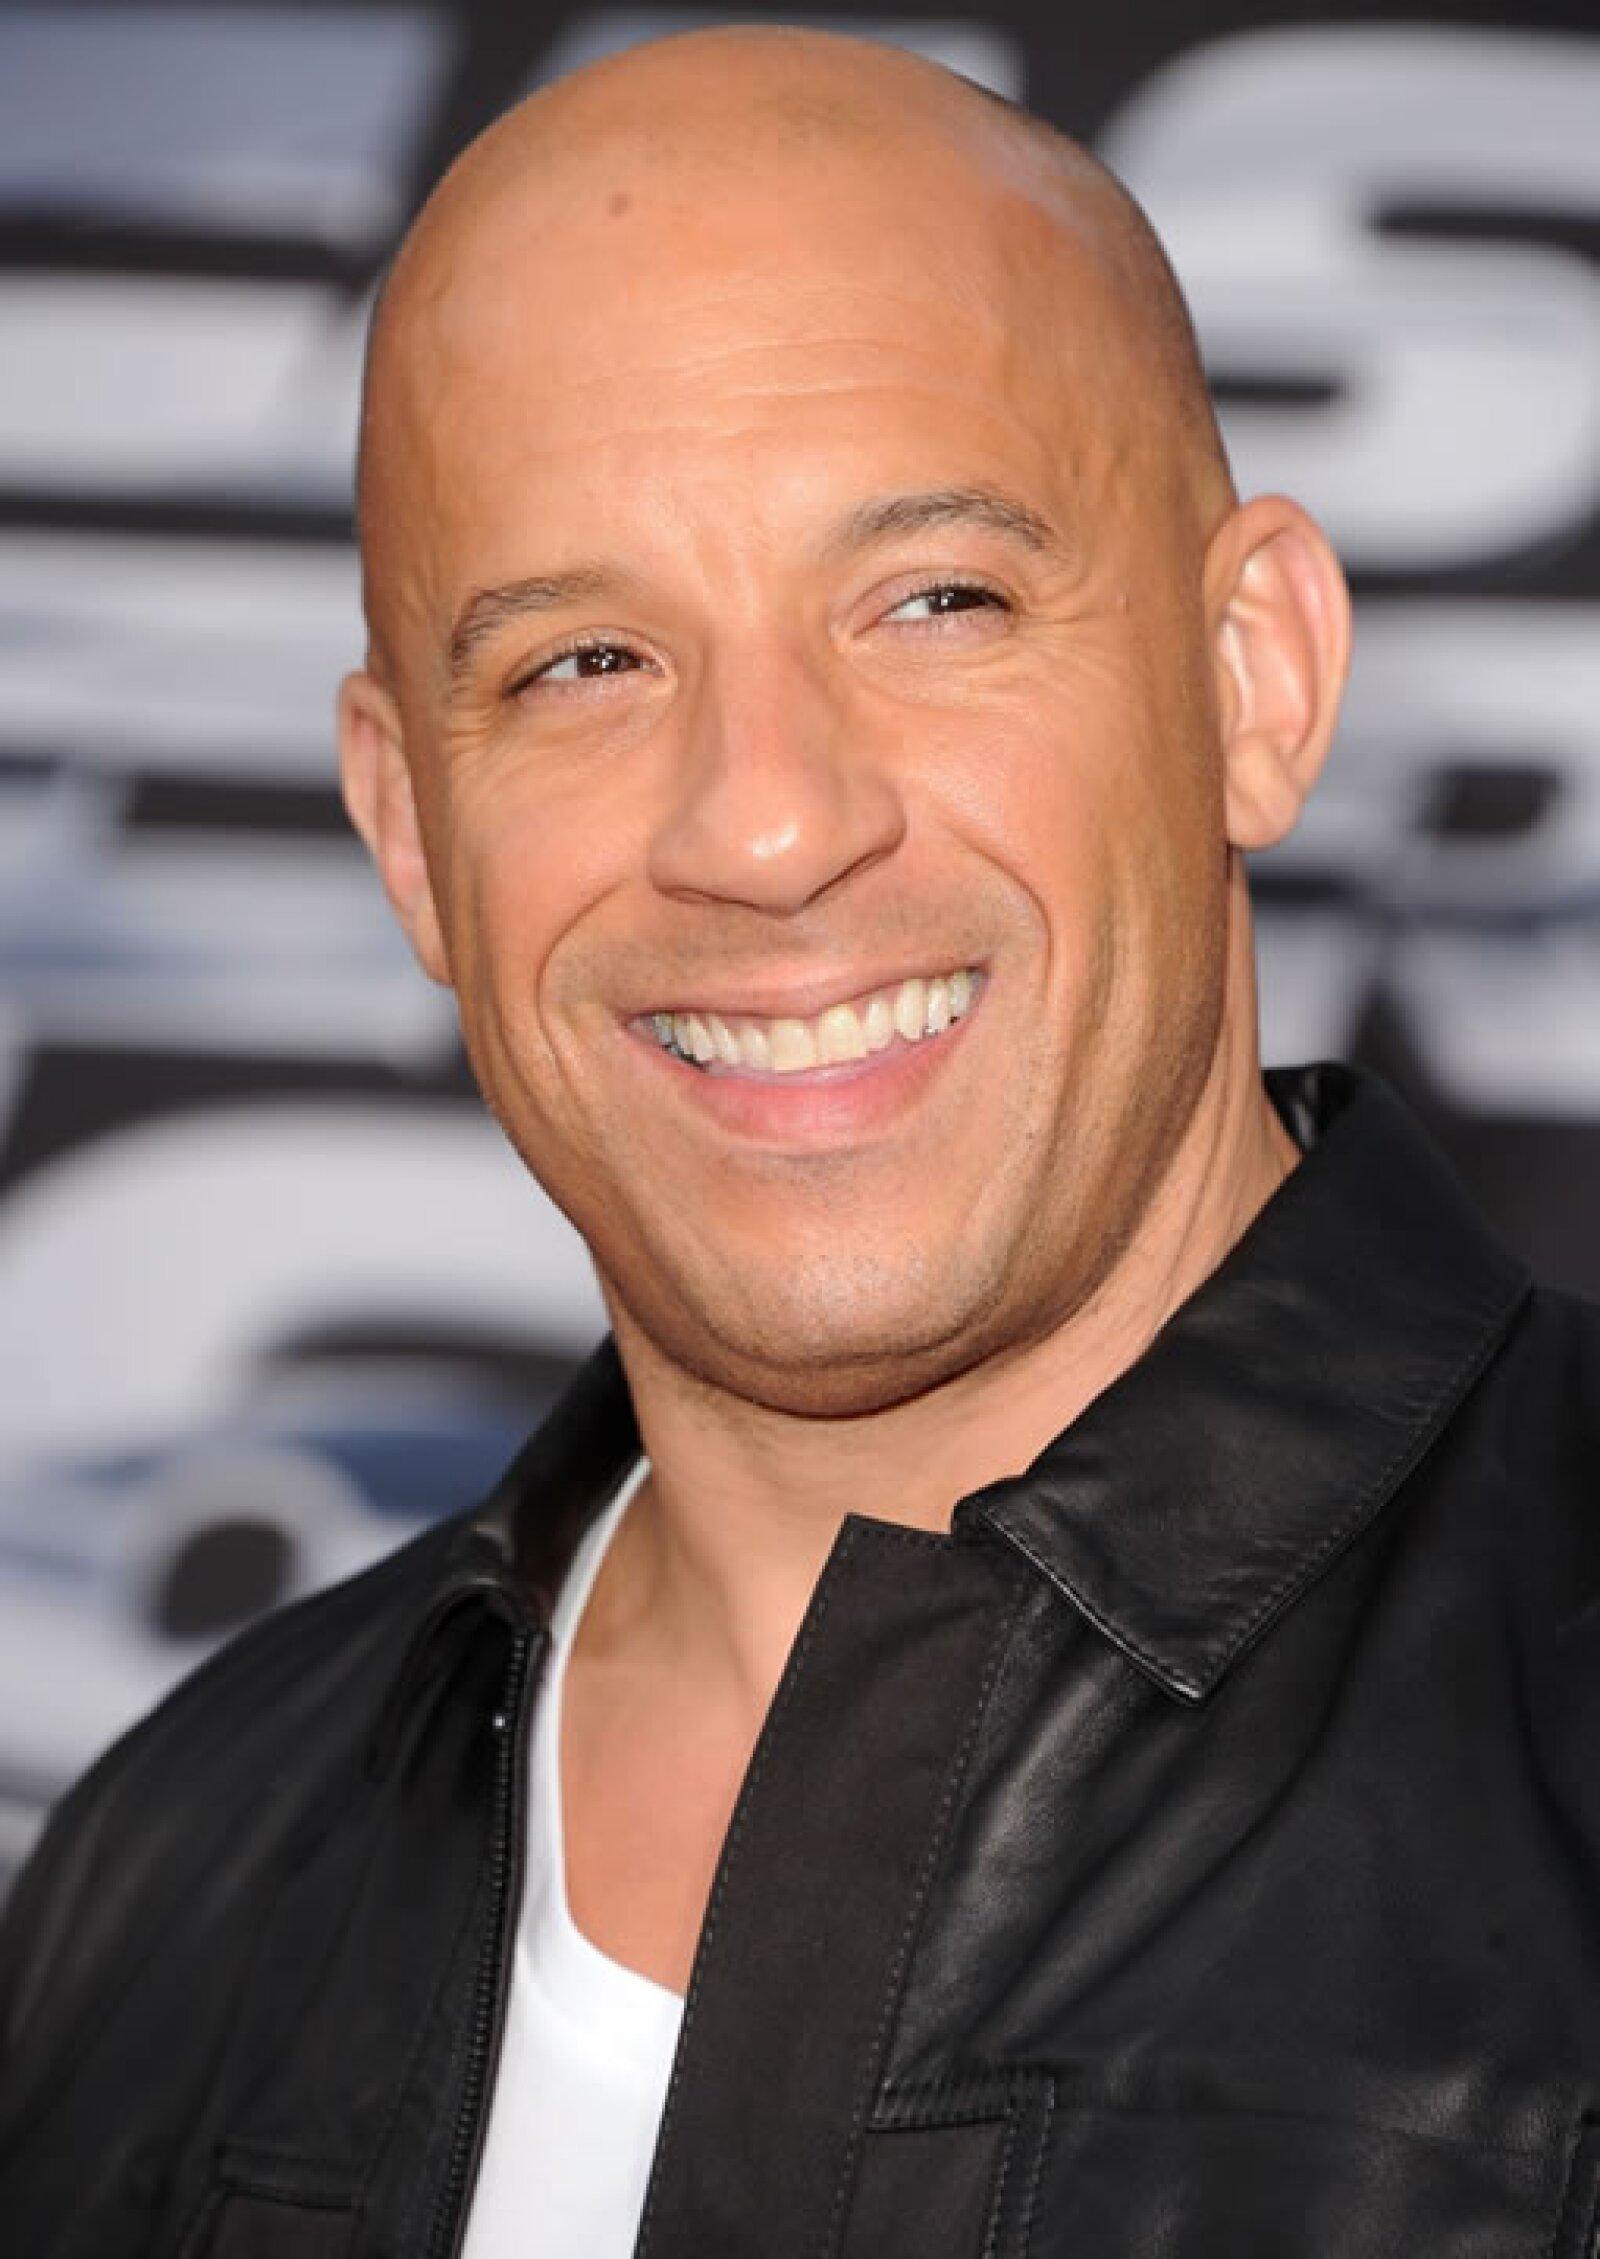 """Vin Diesel ha conquistado corazones como el de Mariah Carey. Hoy, continúa apareciendo en las películas de """"Rápido y furioso""""."""